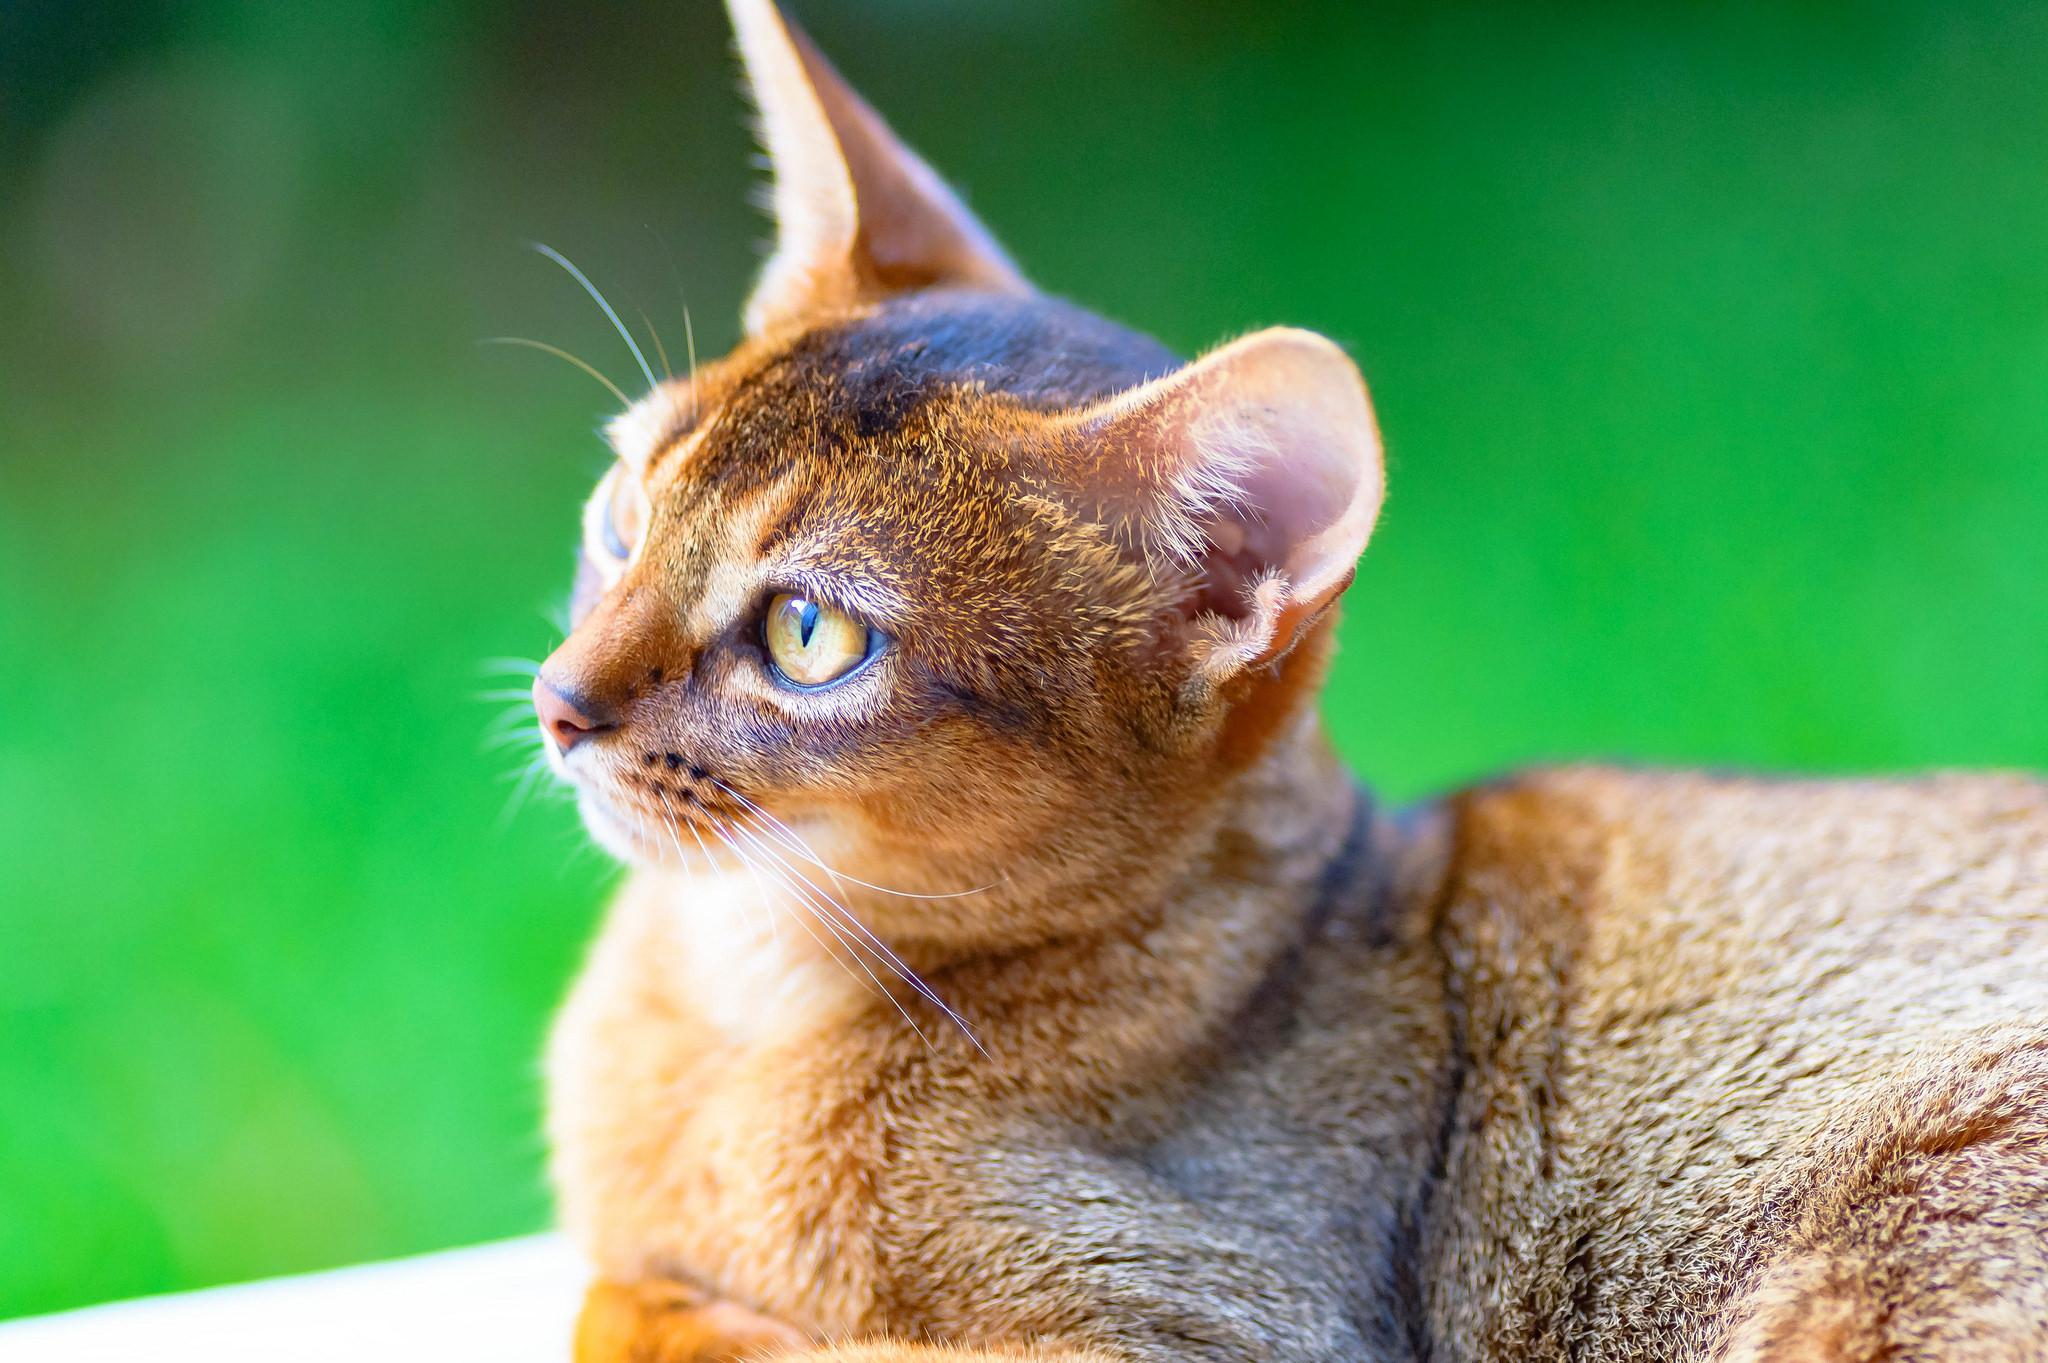 Un gato puma - 2048x1363